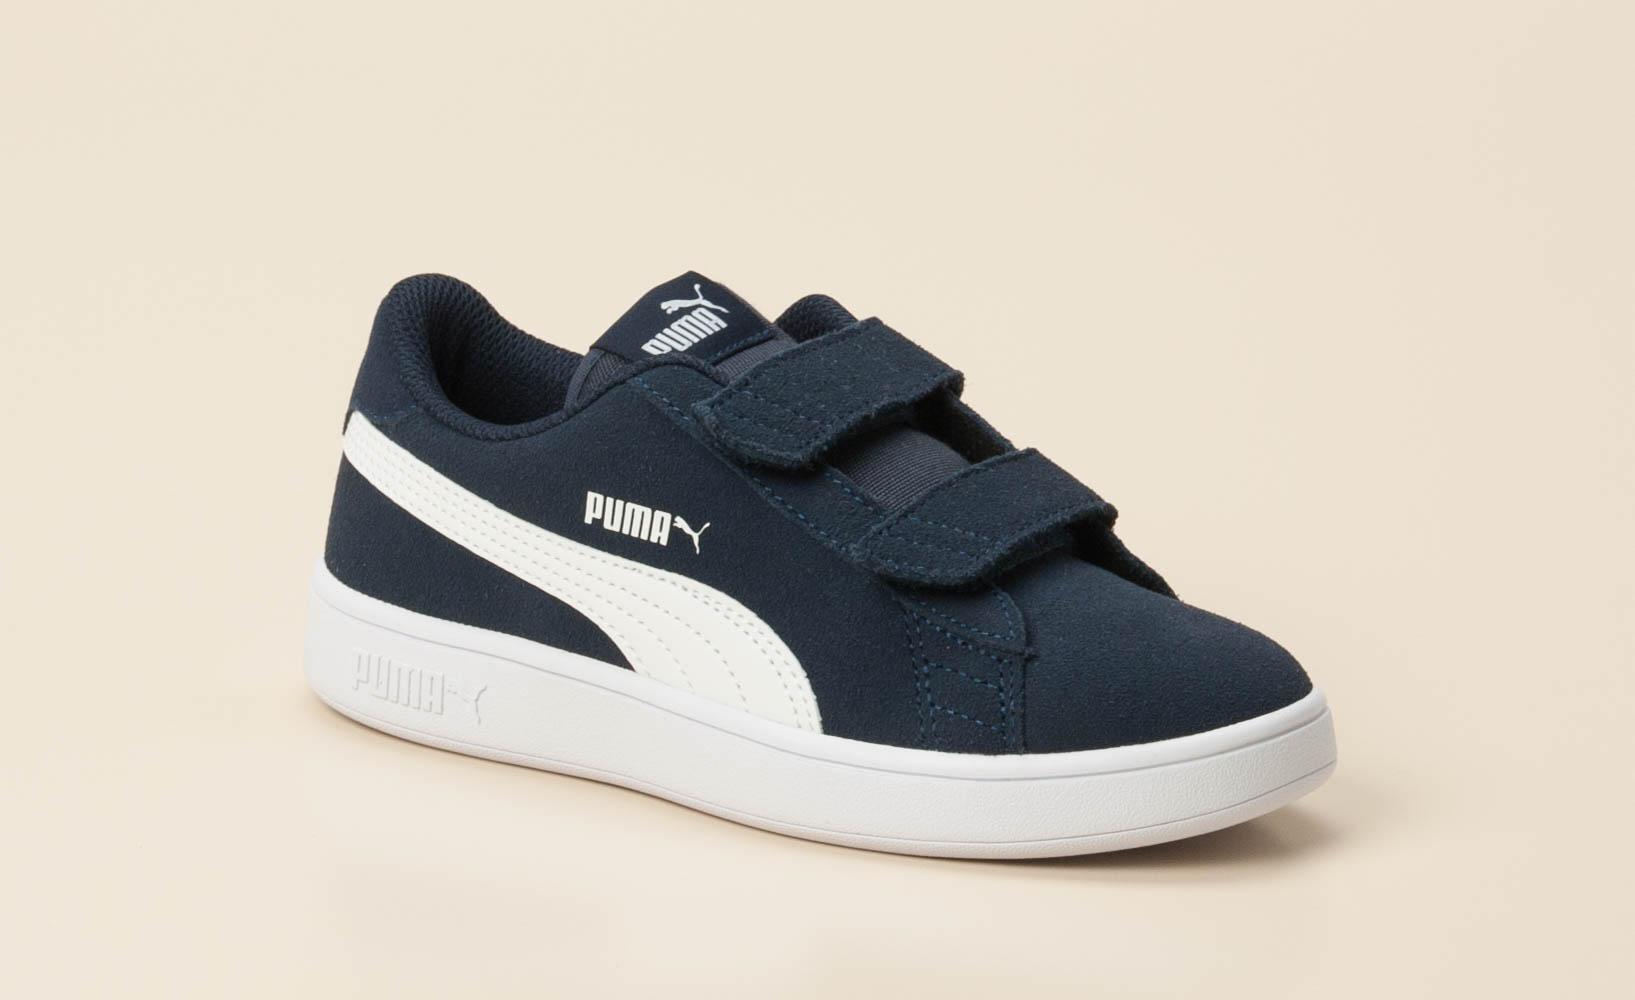 Puma Kinder Sneaker in dunkelblau kaufen | Zumnorde Online Shop